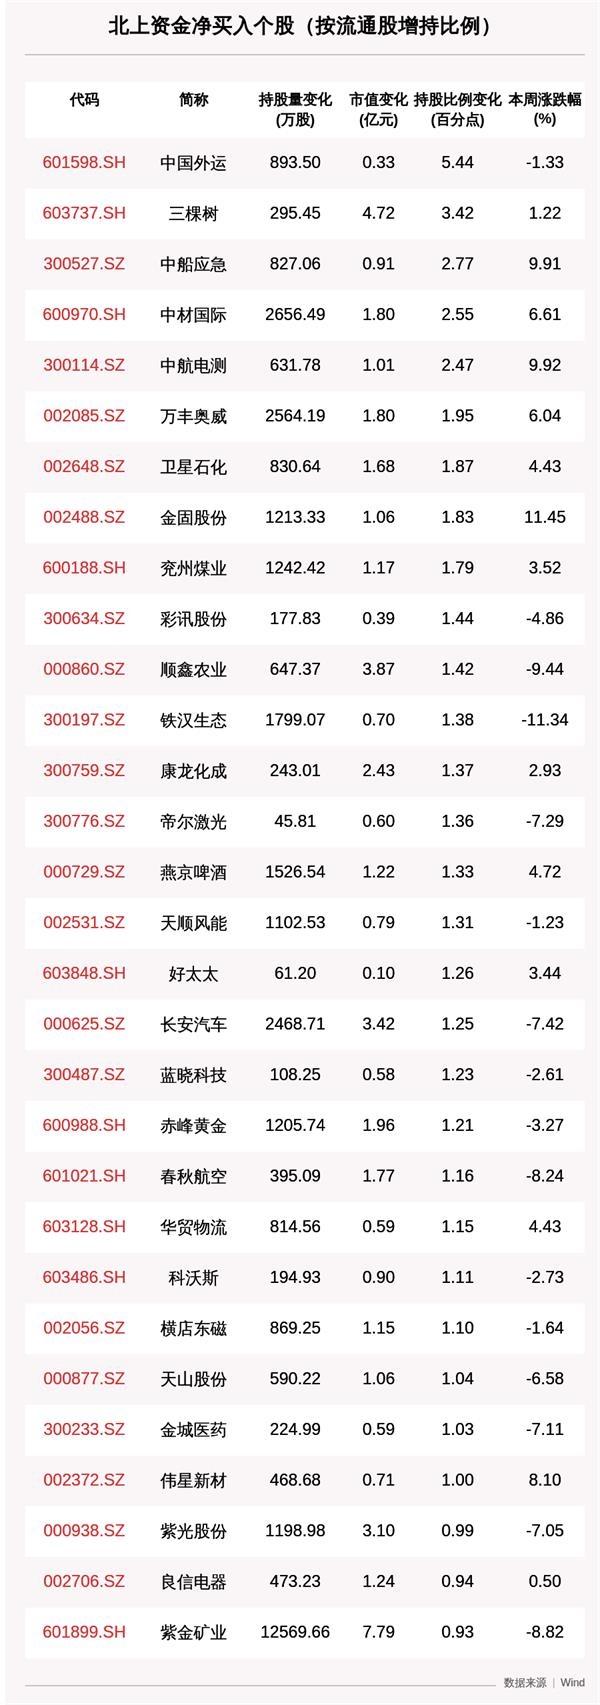 一周沪深股通动向曝光:这30只个股净买入最多(附名单)